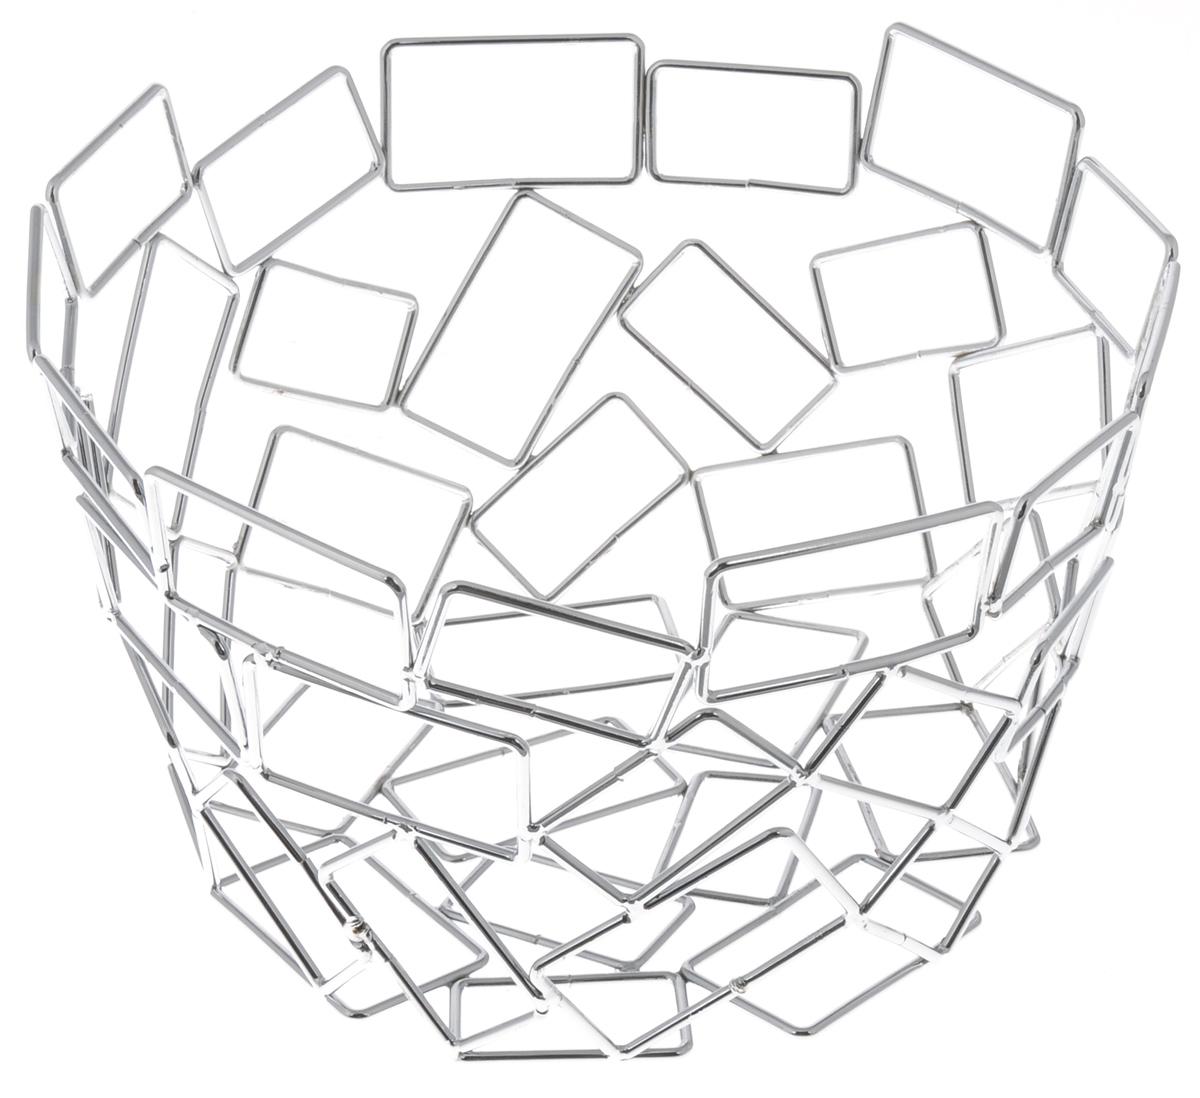 Фруктовница Guterwahl, круглая, диаметр 23 см. YSH-1104115510Оригинальная фруктовница Guterwahl, изготовленная из нержавеющей стали с хромированной поверхностью, идеально подходит для хранения и красивой сервировки любых фруктов. Современный дизайн фруктовницы идеально впишется в интерьер вашей кухни. Изделие рекомендуется мыть вручную с применением любых неабразивных моющих средств. Не рекомендуется использование металлических щеток для чистки.Диаметр (по верхнему краю): 23 см.Высота: 14 см.